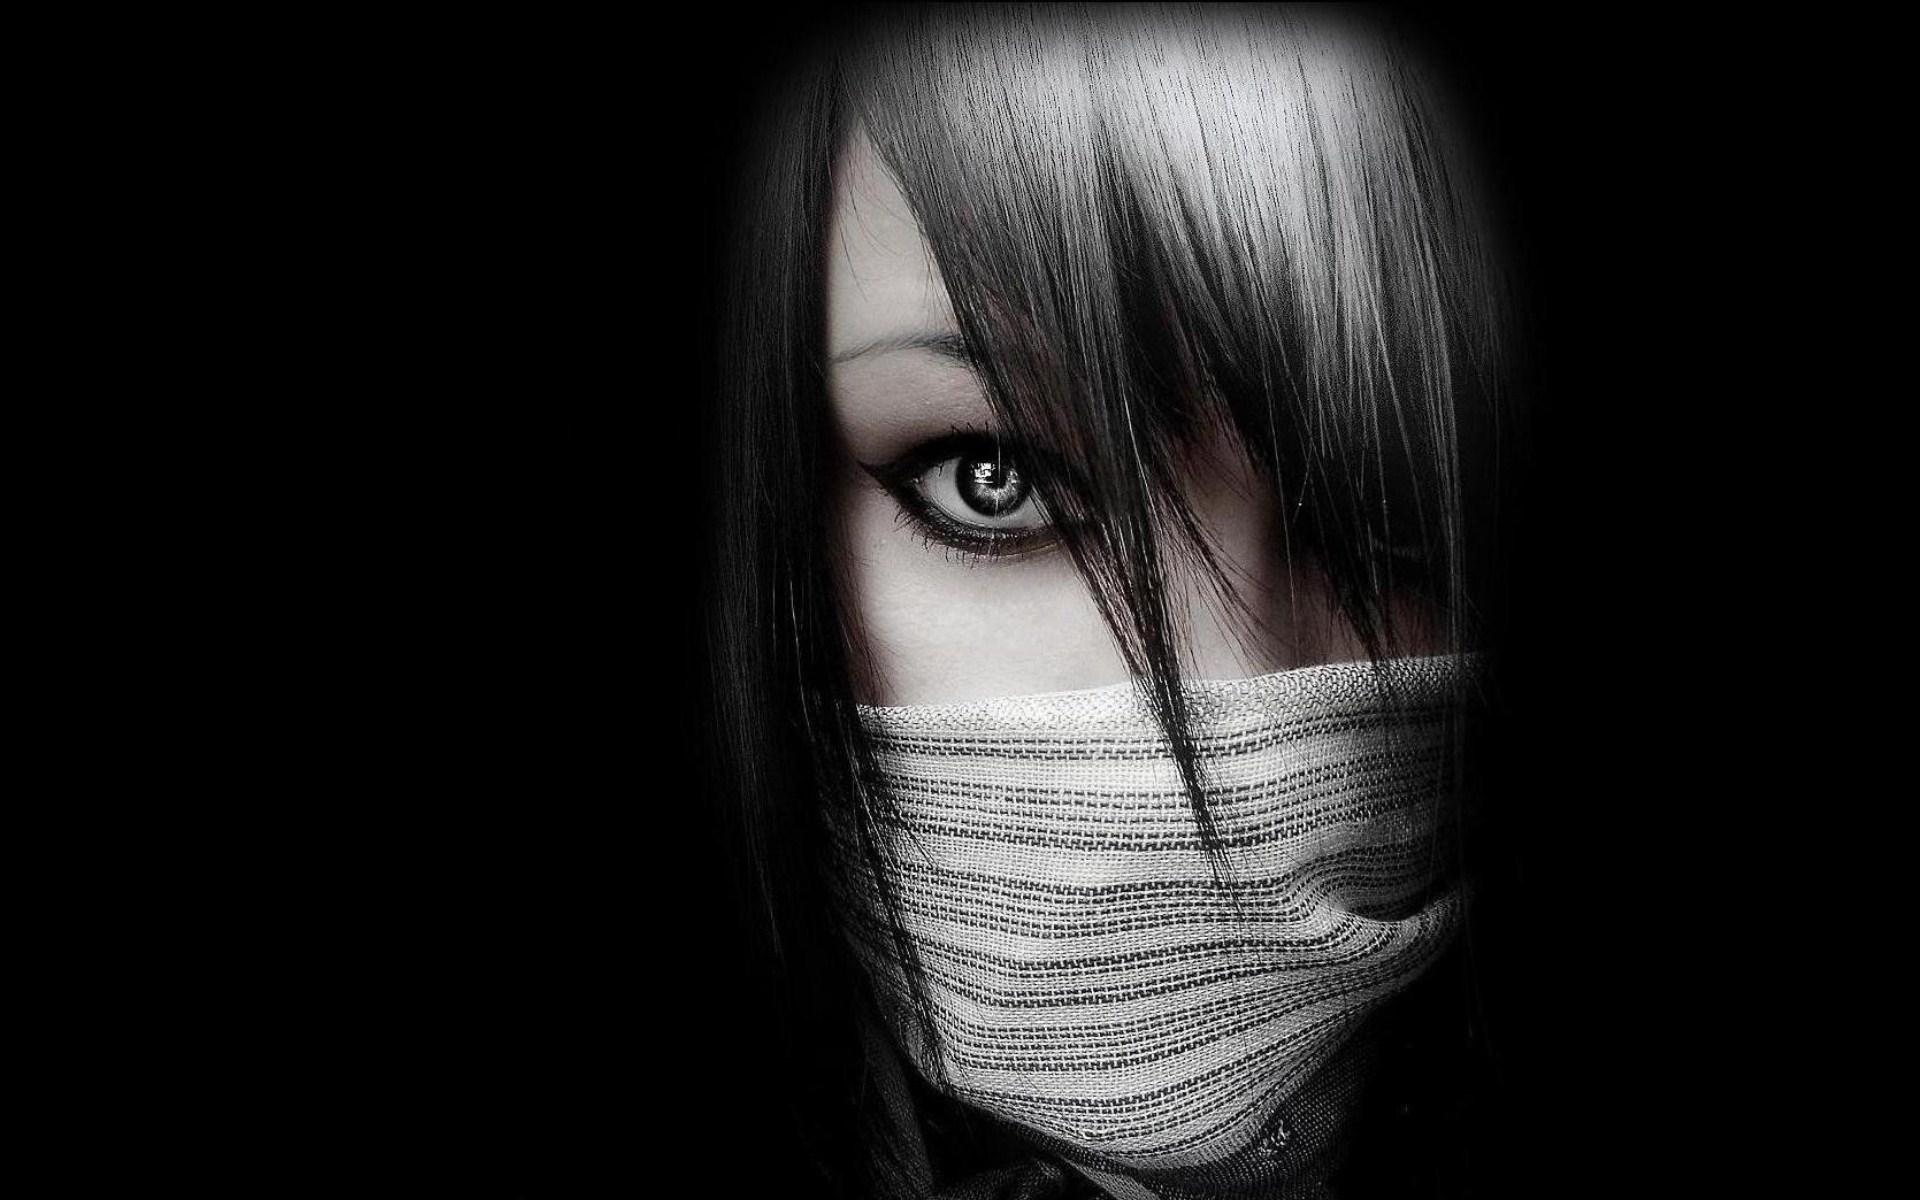 Для того чтобы скачать картинку 13945 - эмо, глаза, девочка, черный